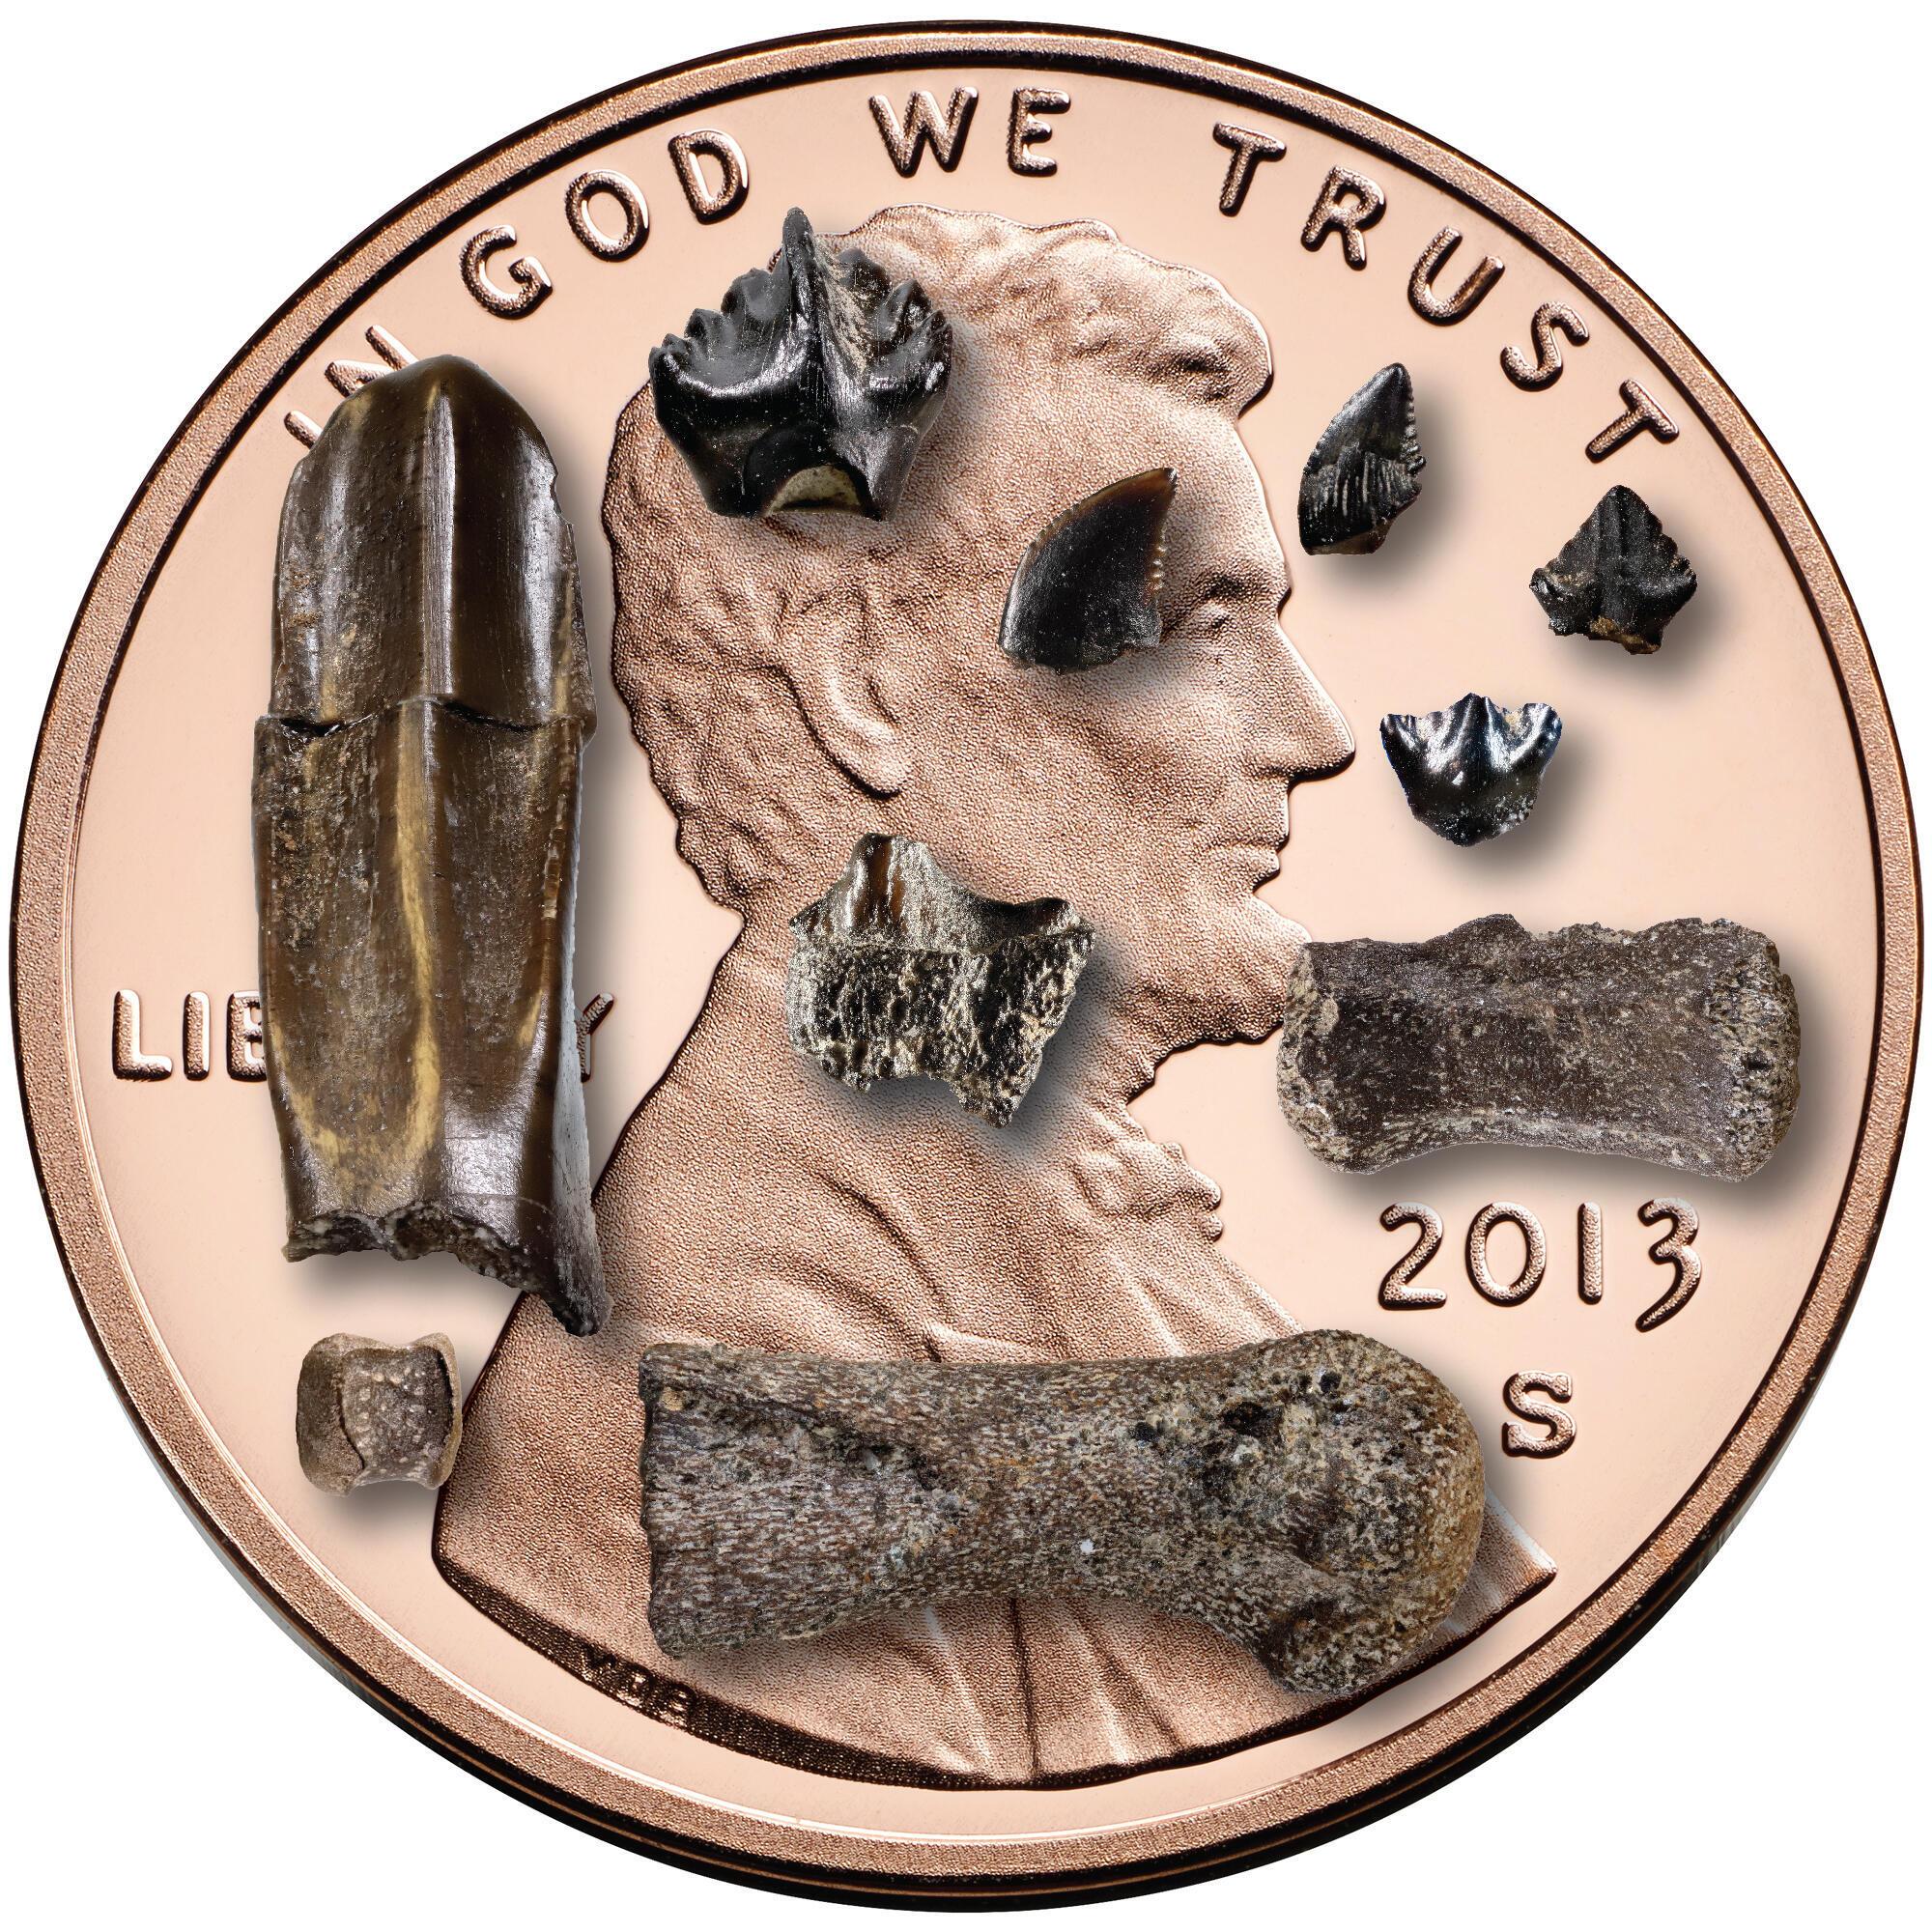 Huesos y dientes de dinosaurio bebé de la formación Prince Creek, en el norte de Alaska, frente a un centavo estadounidense